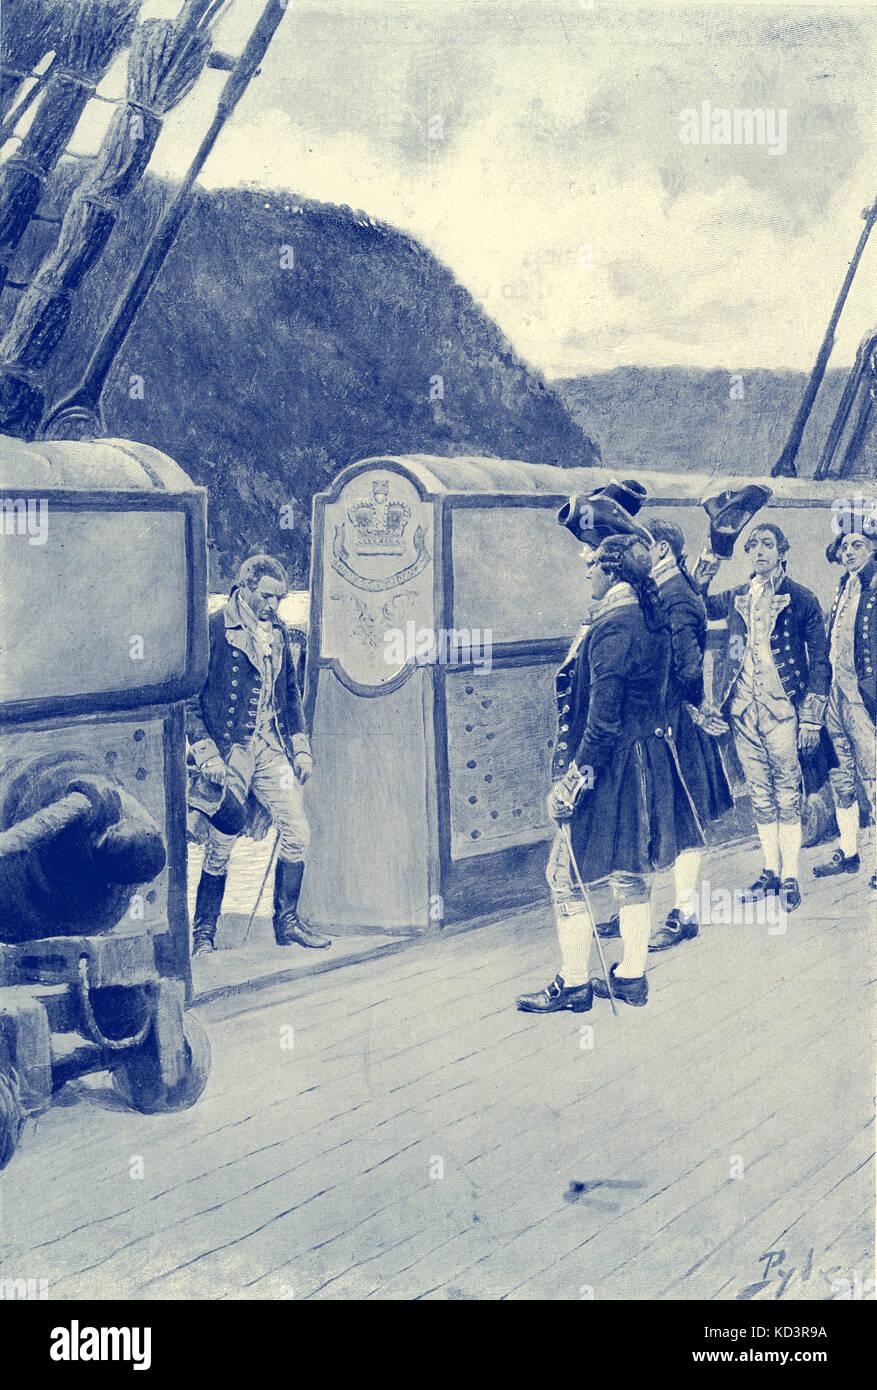 El escape del general revolucionario americano Benedict Arnold (1741 - 1801) al barco británico Vulture, 1780, después de desertar a los británicos. Revolución americana. Ilustración de Howard Pyle, 1896 Foto de stock